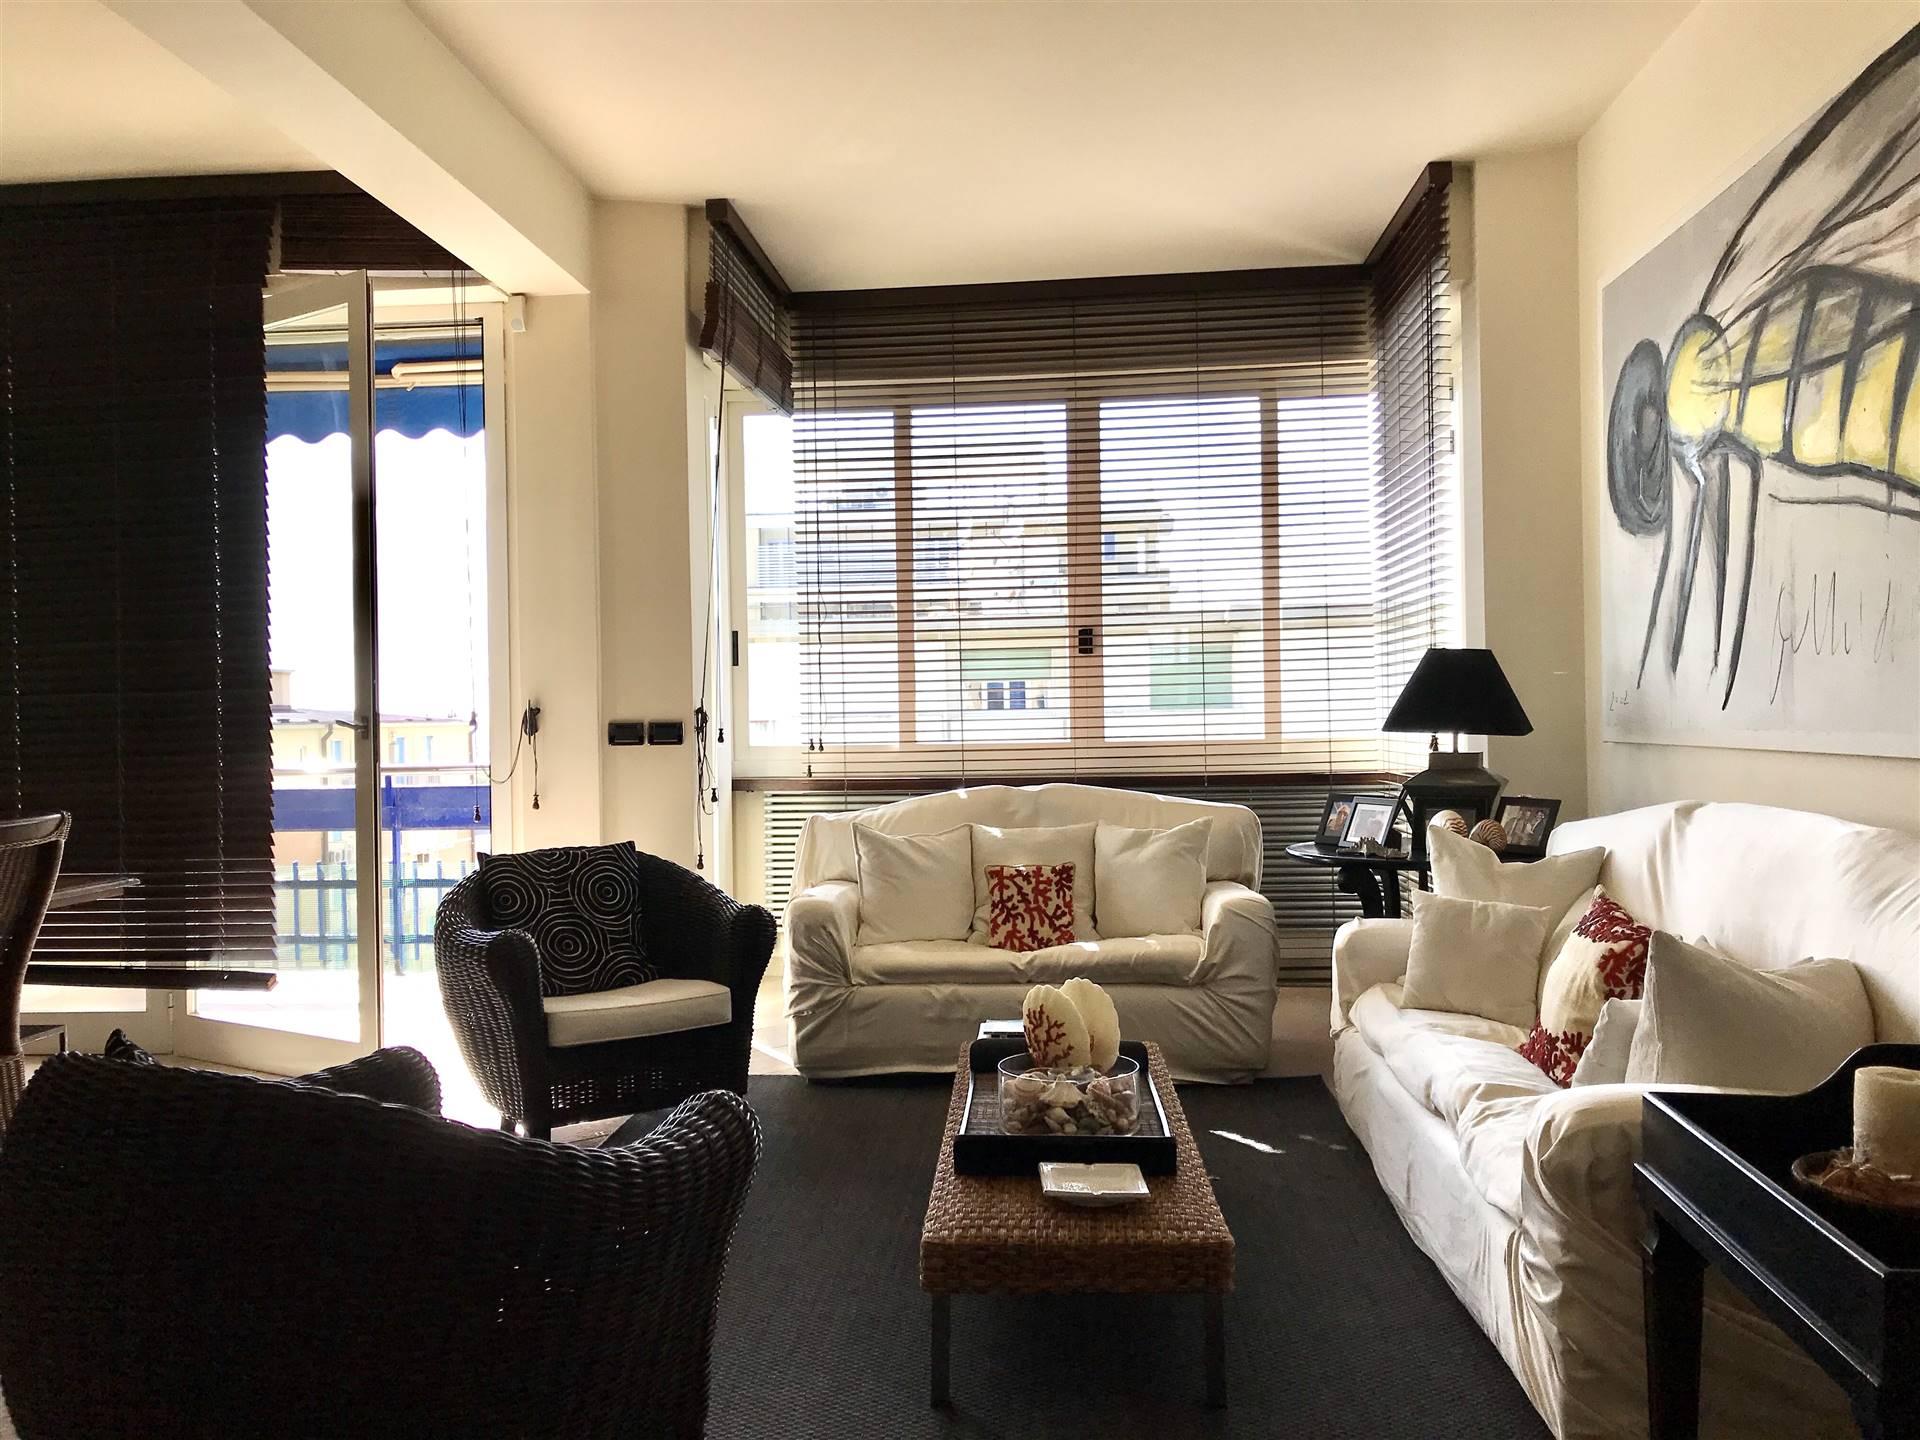 A Viareggio nello splendido contesto di città giardino, proponiamo per la vendita appartamento, vista mare, di circa 110 mq, posto al quarto piano di